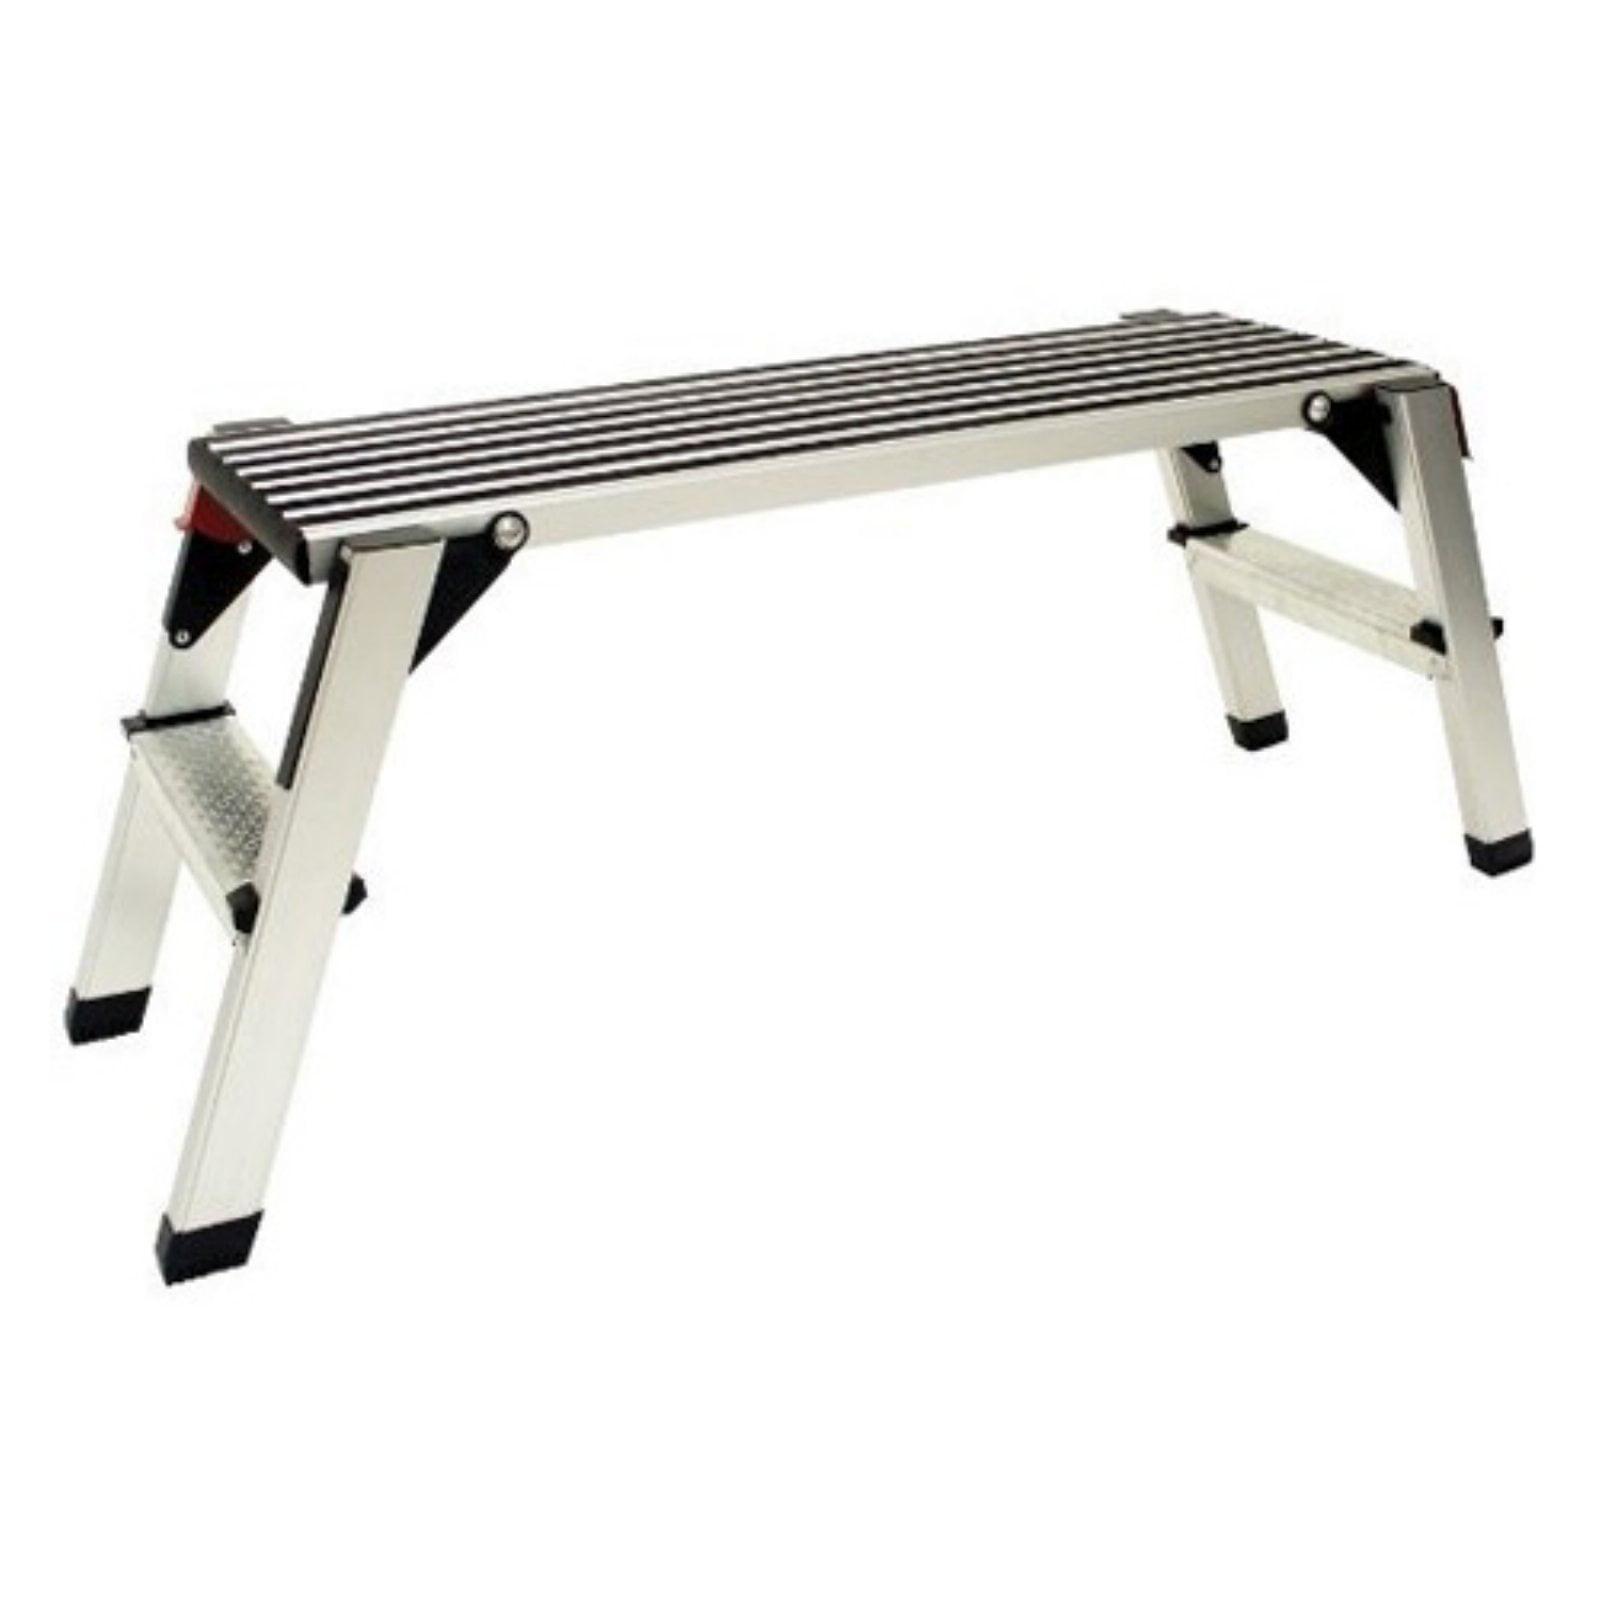 Torin Aluminum Work Platform by Torin Inc